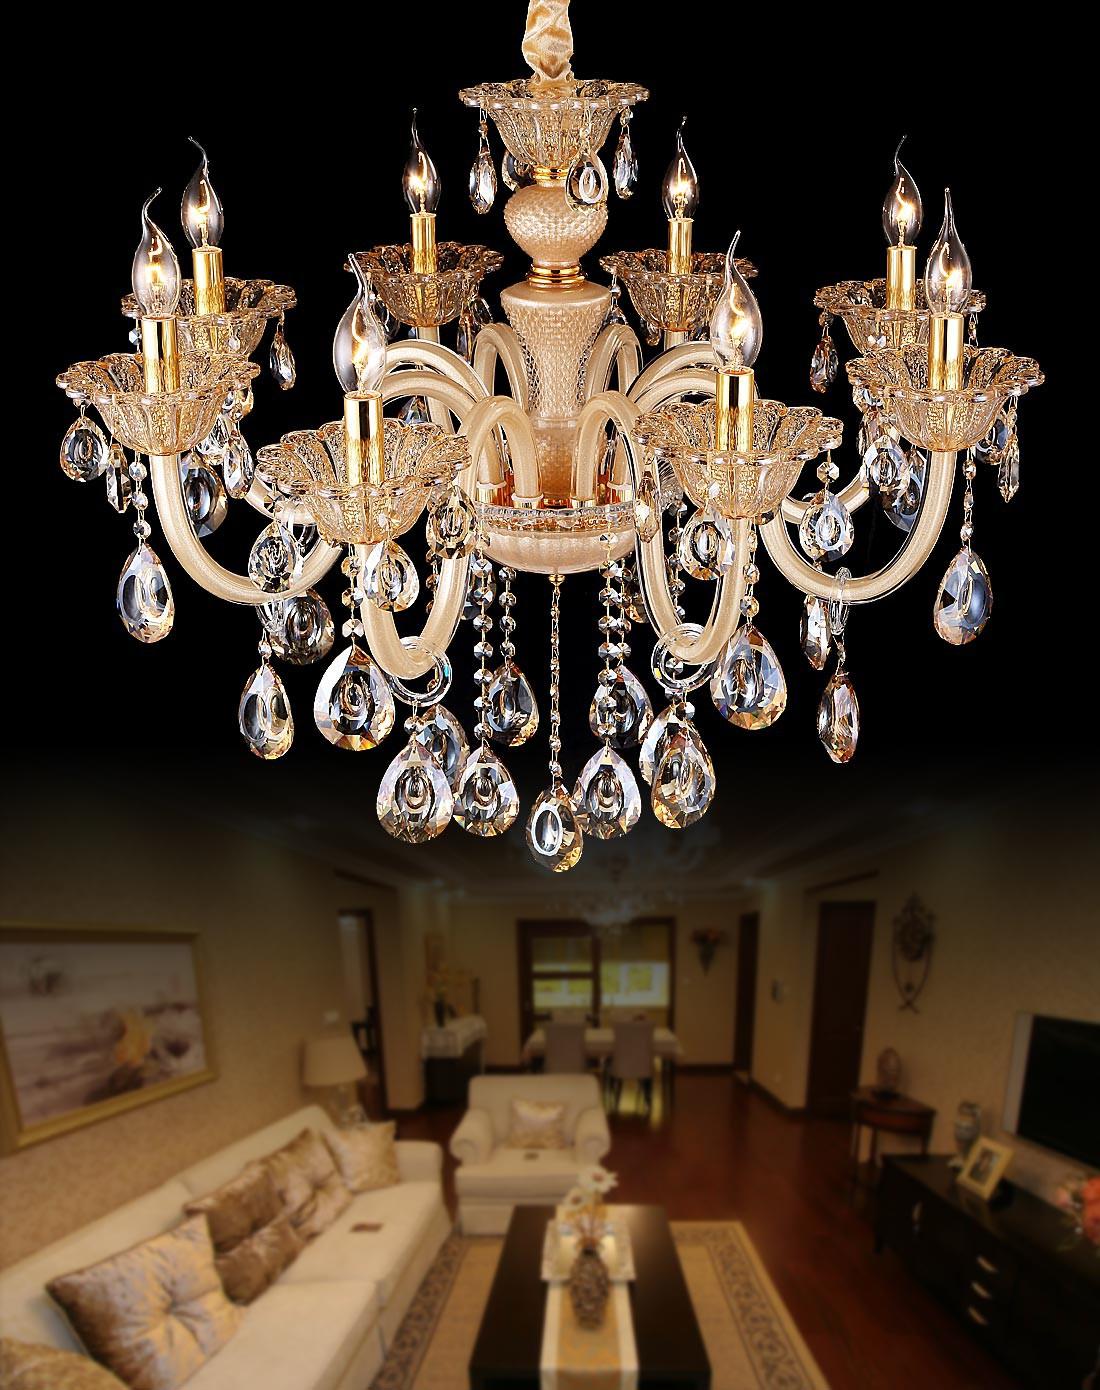 汉斯威诺灯饰专场欧式客厅卧室艺术水晶吊灯8头香槟